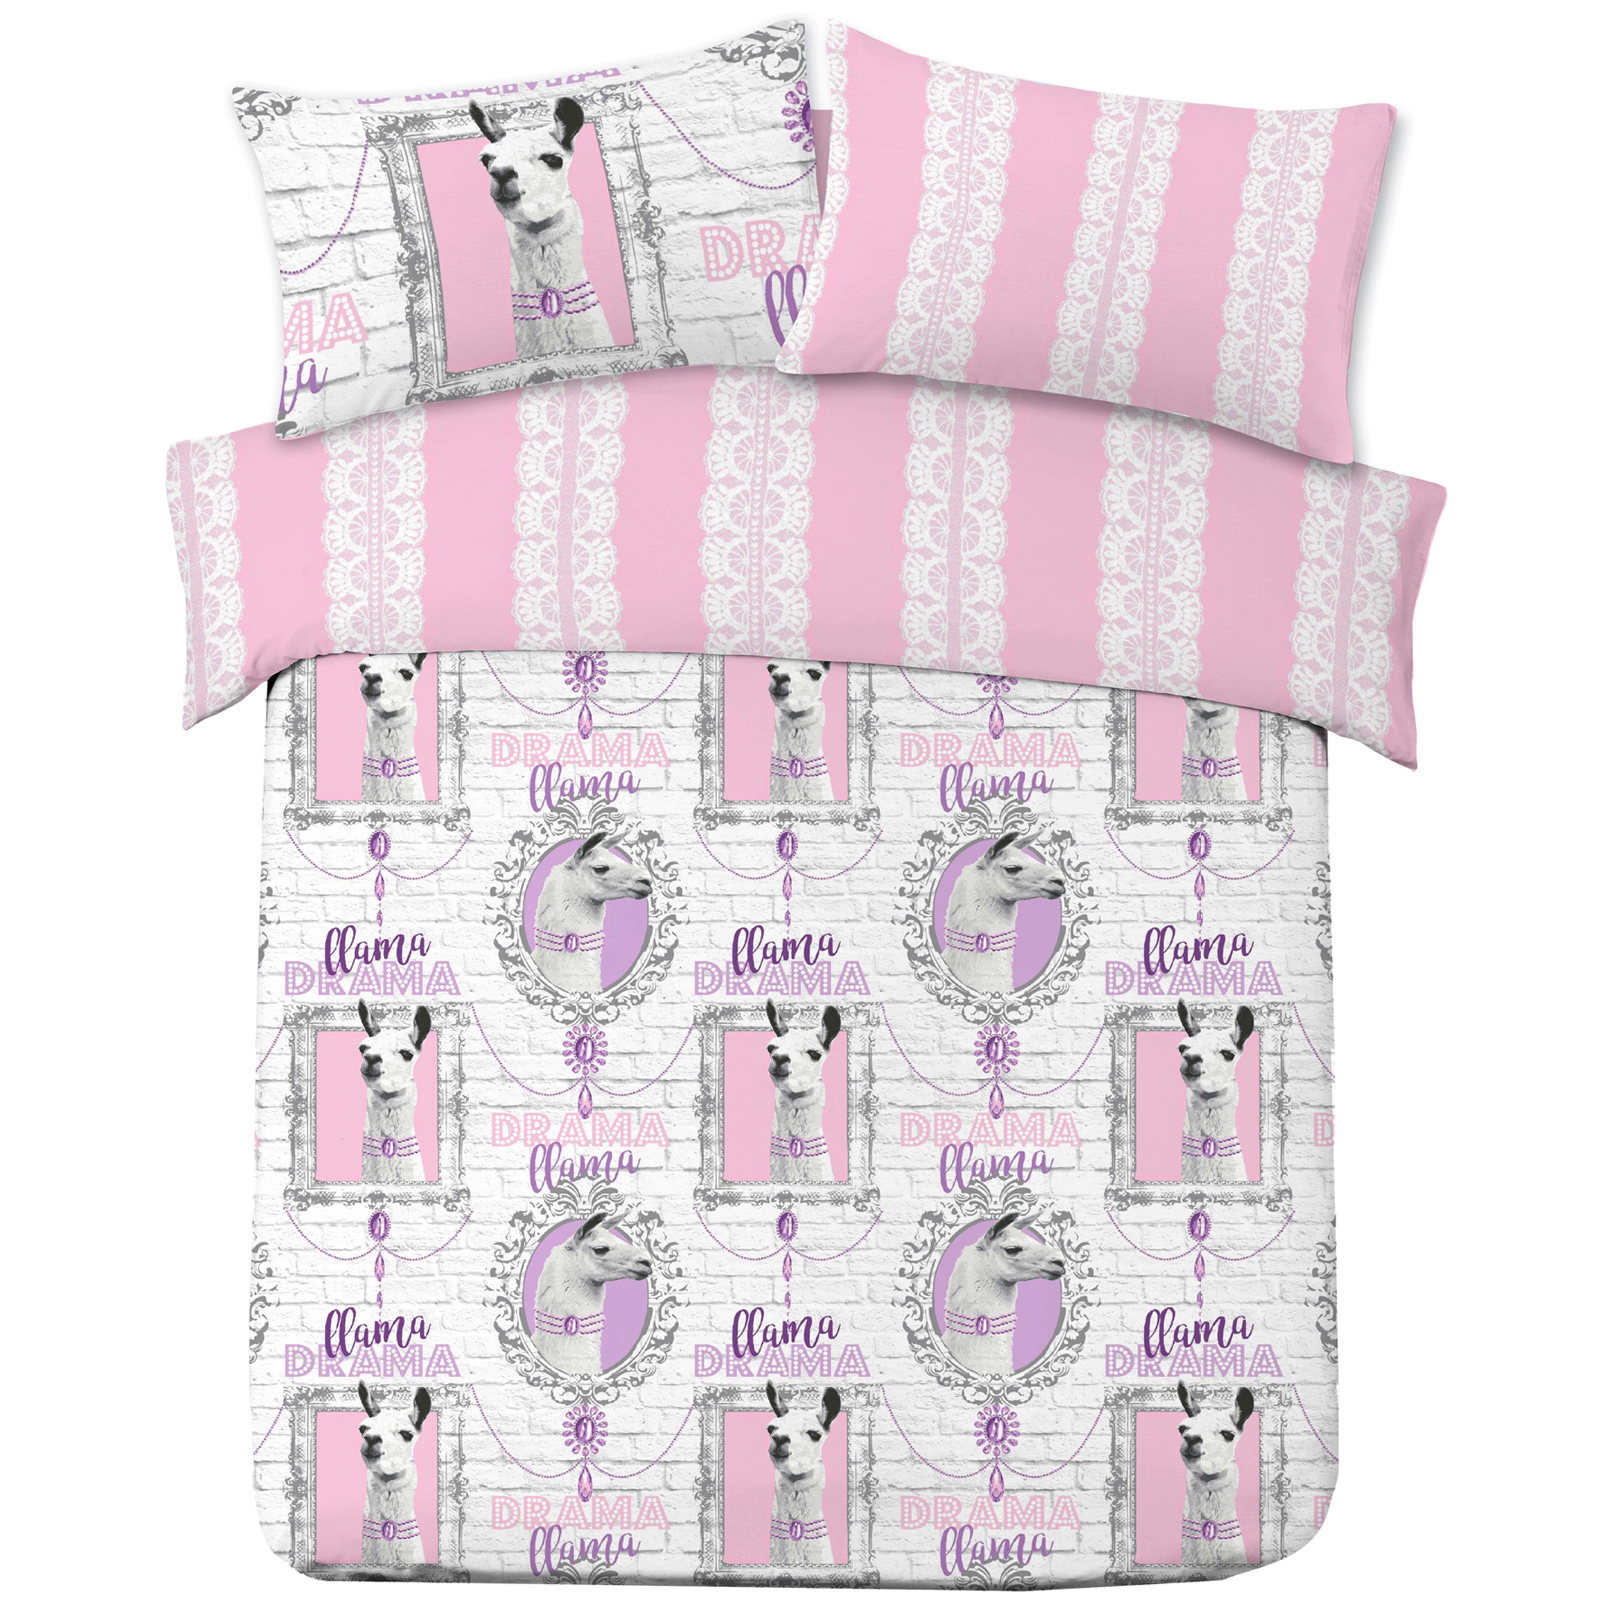 dreamscene housse de couette avec taie d 39 oreiller polycoton ebay. Black Bedroom Furniture Sets. Home Design Ideas